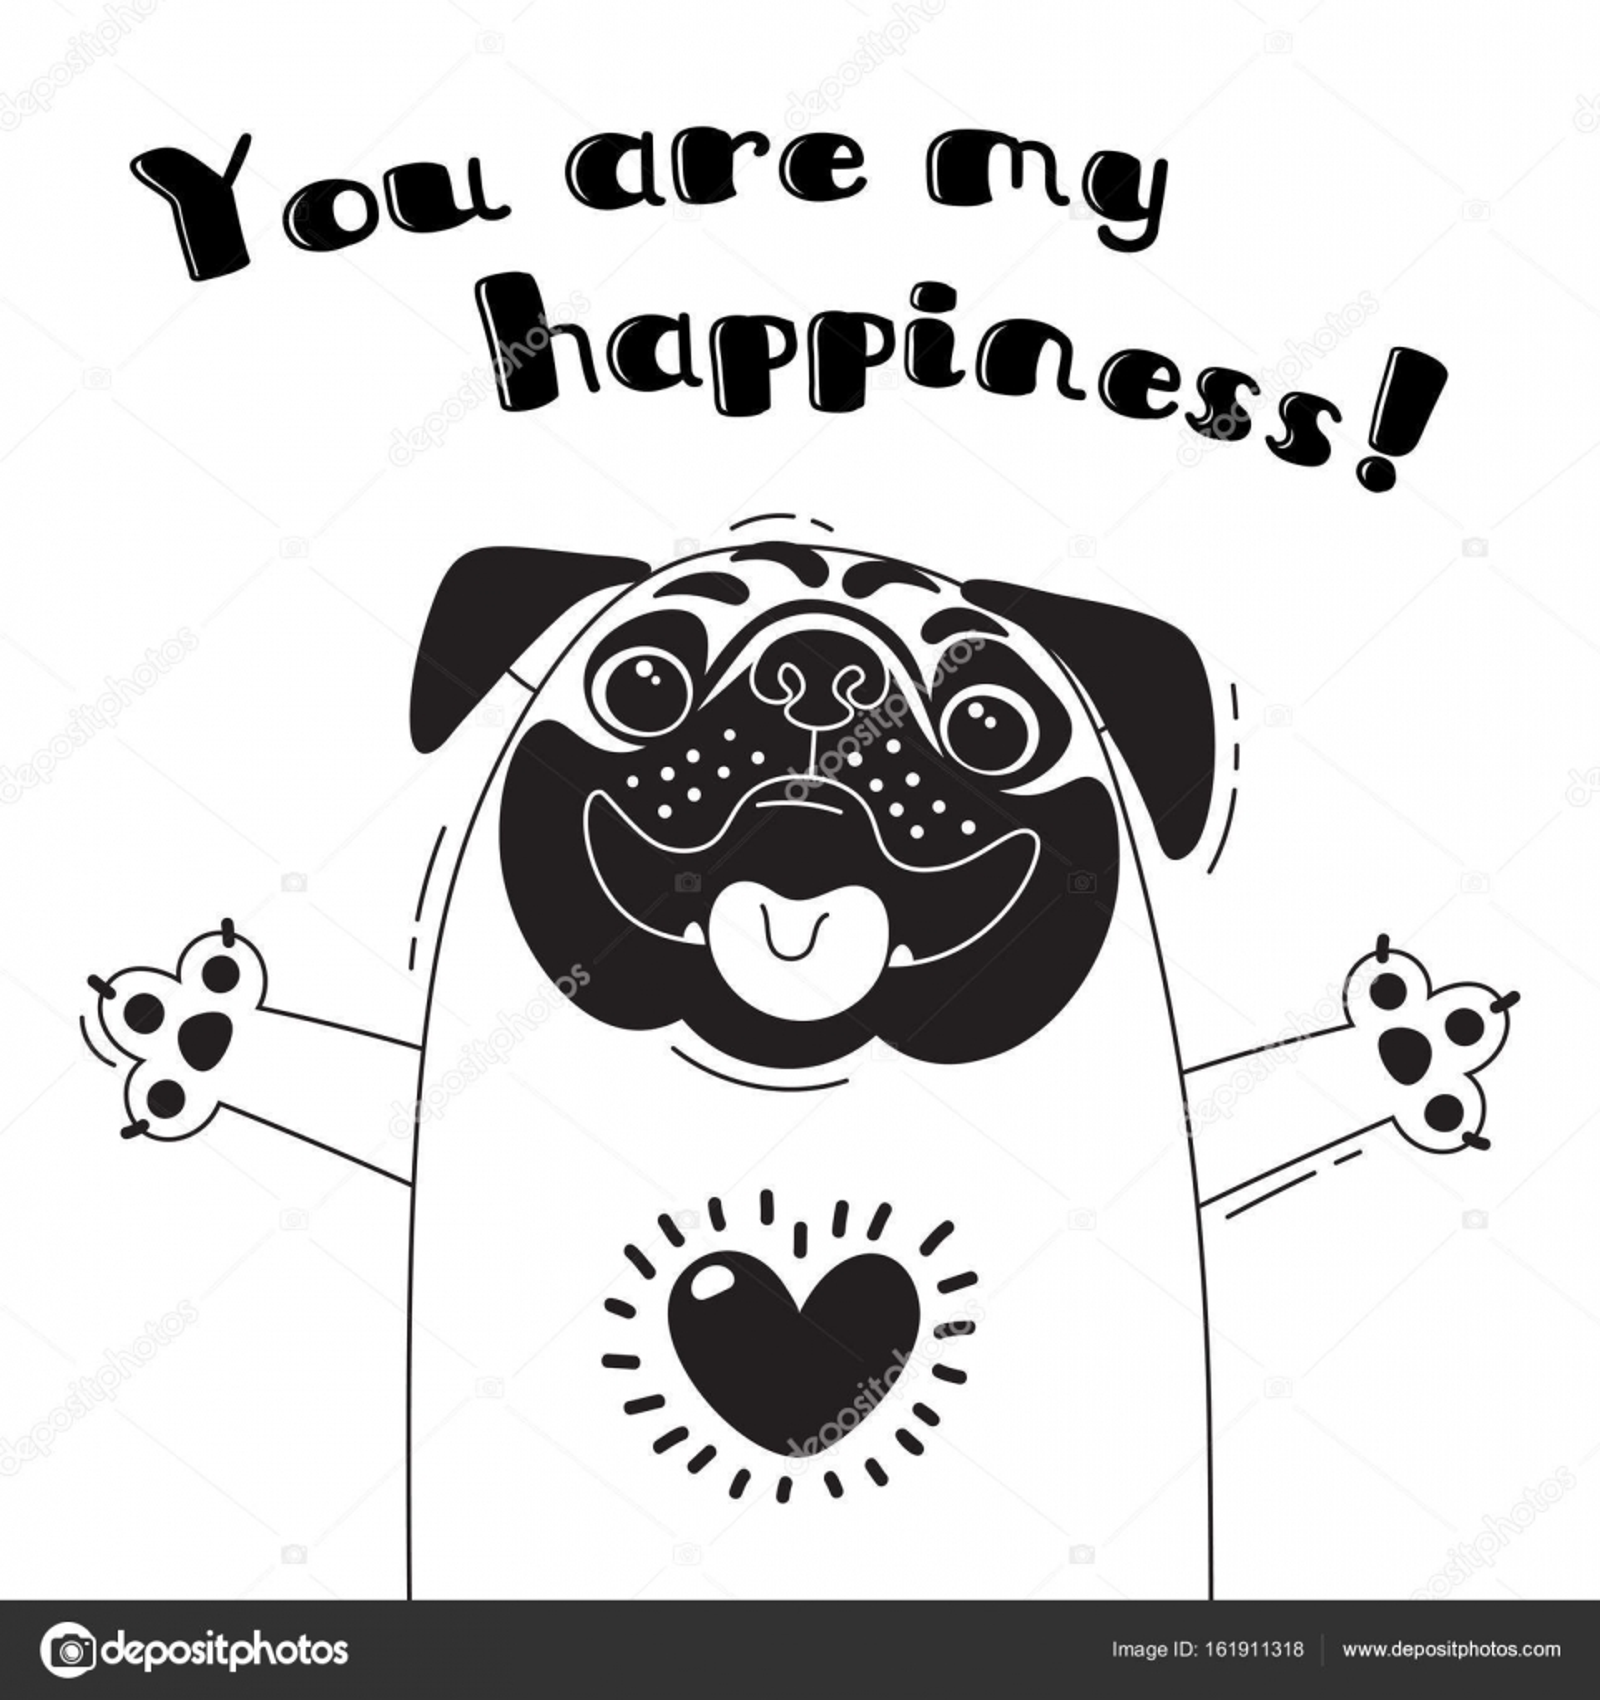 du bist das glück